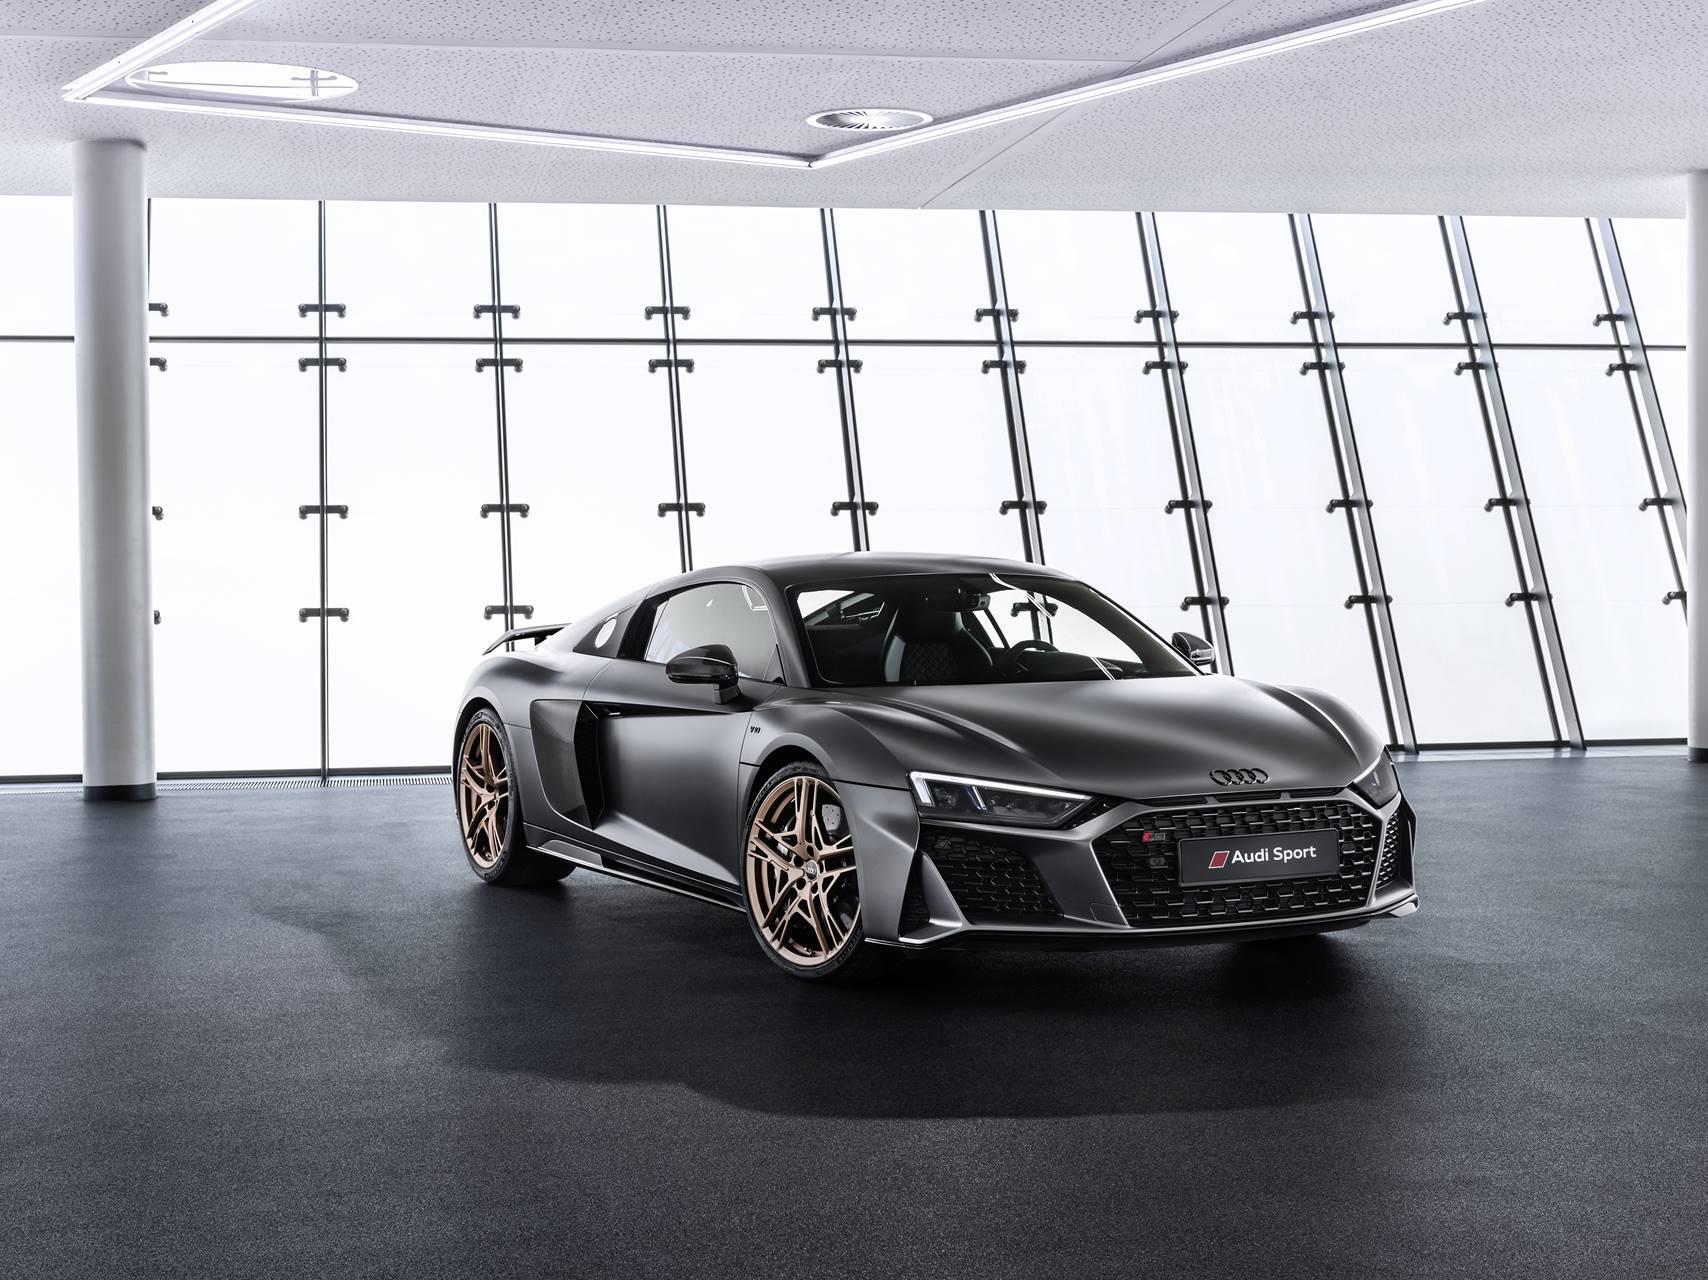 2020 Audi R8 V10 Decennium News And Information Com